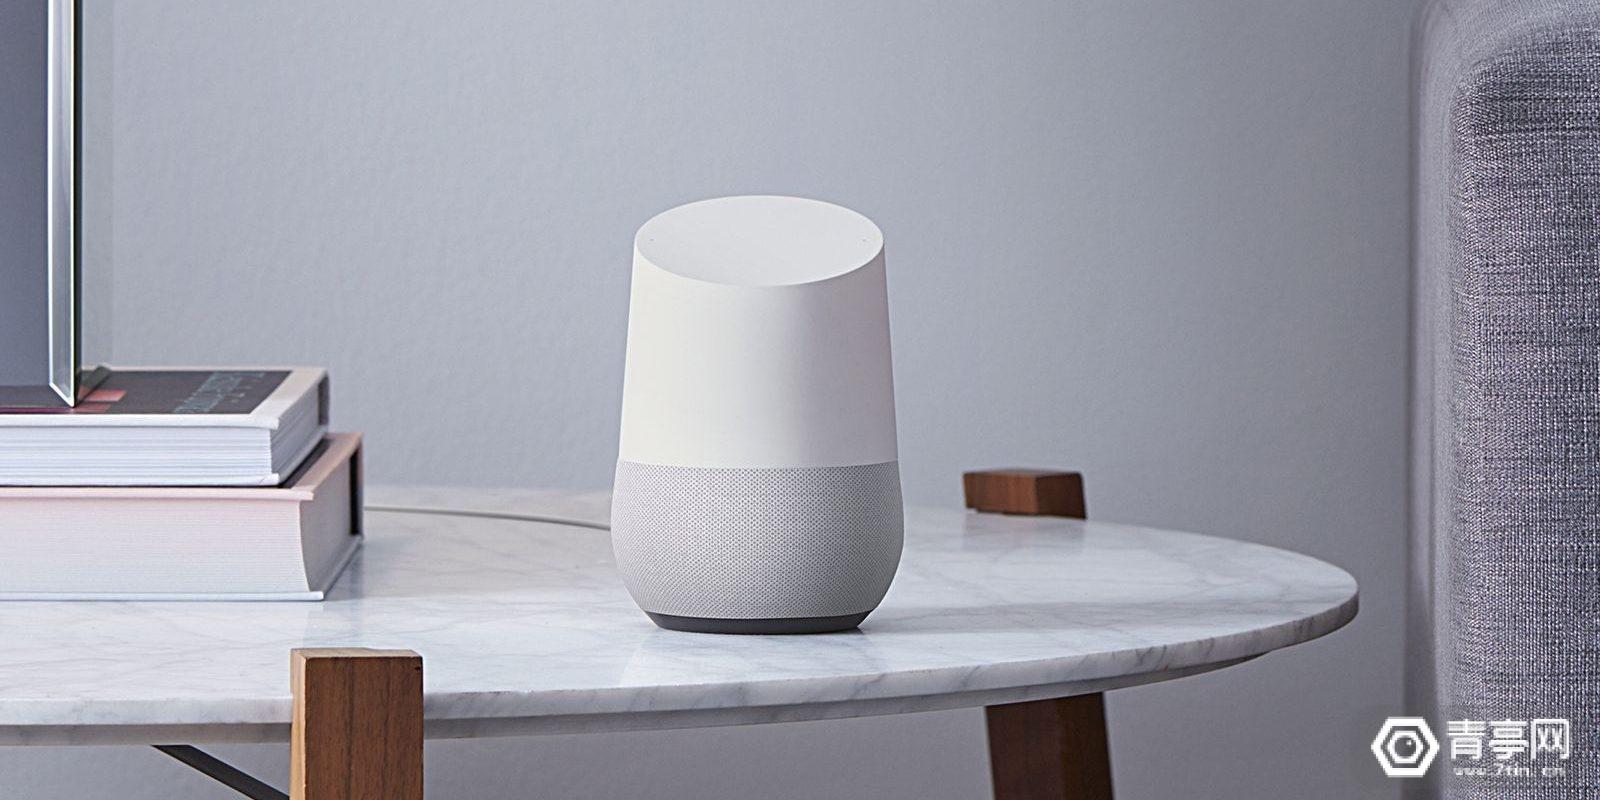 谷歌开源AI能区分声音,准确率达92%